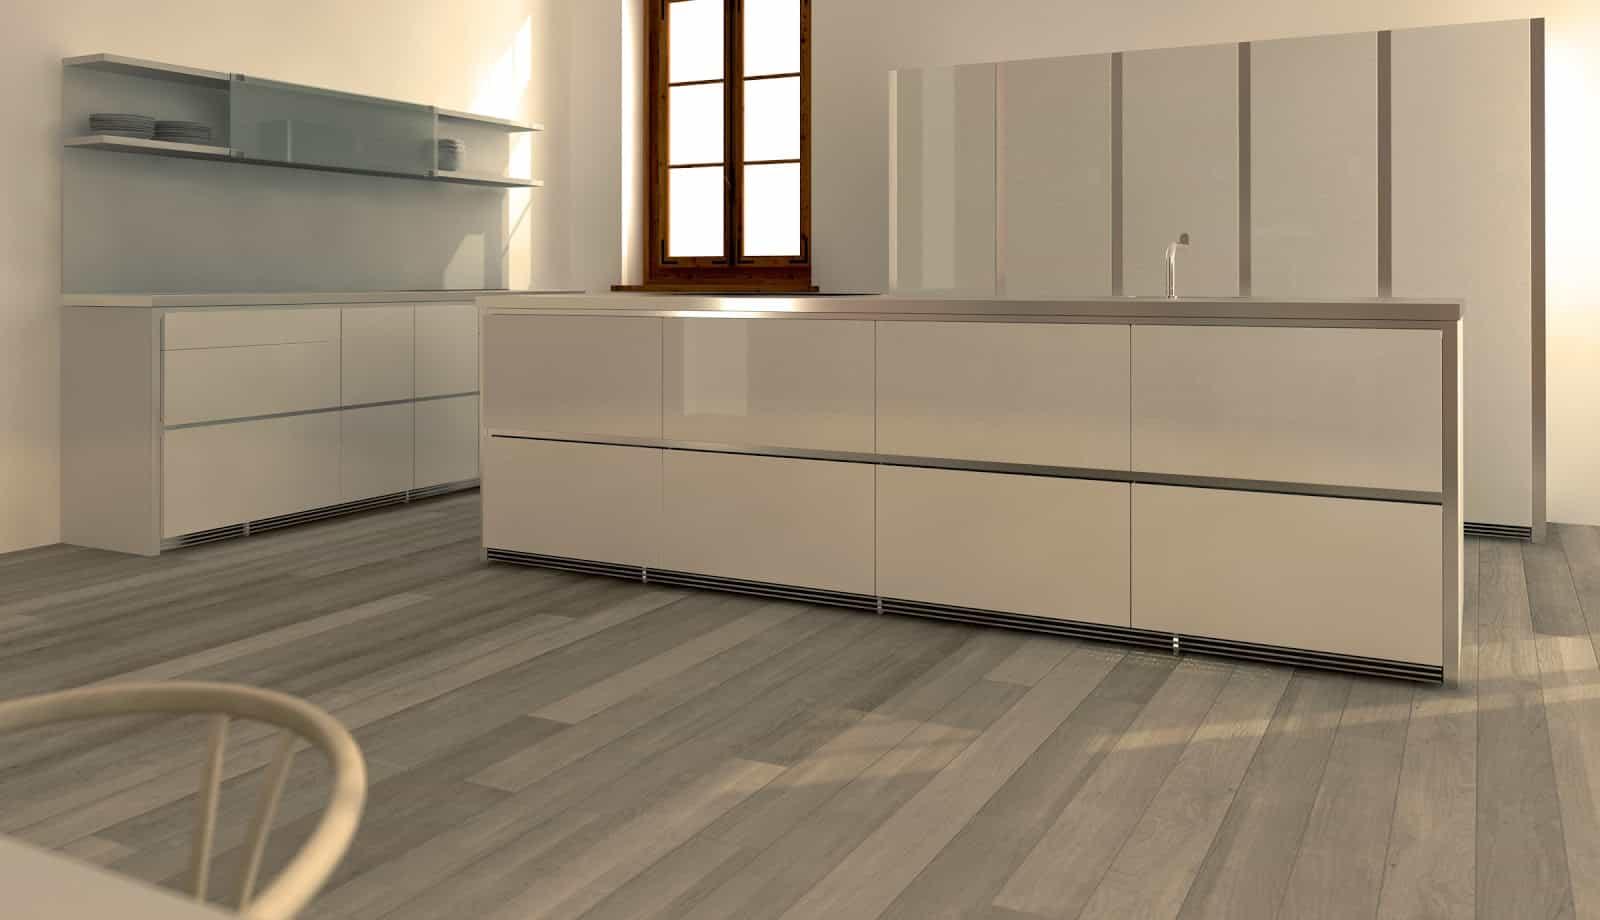 Minimalist glossy white modern kitchen (3D render)